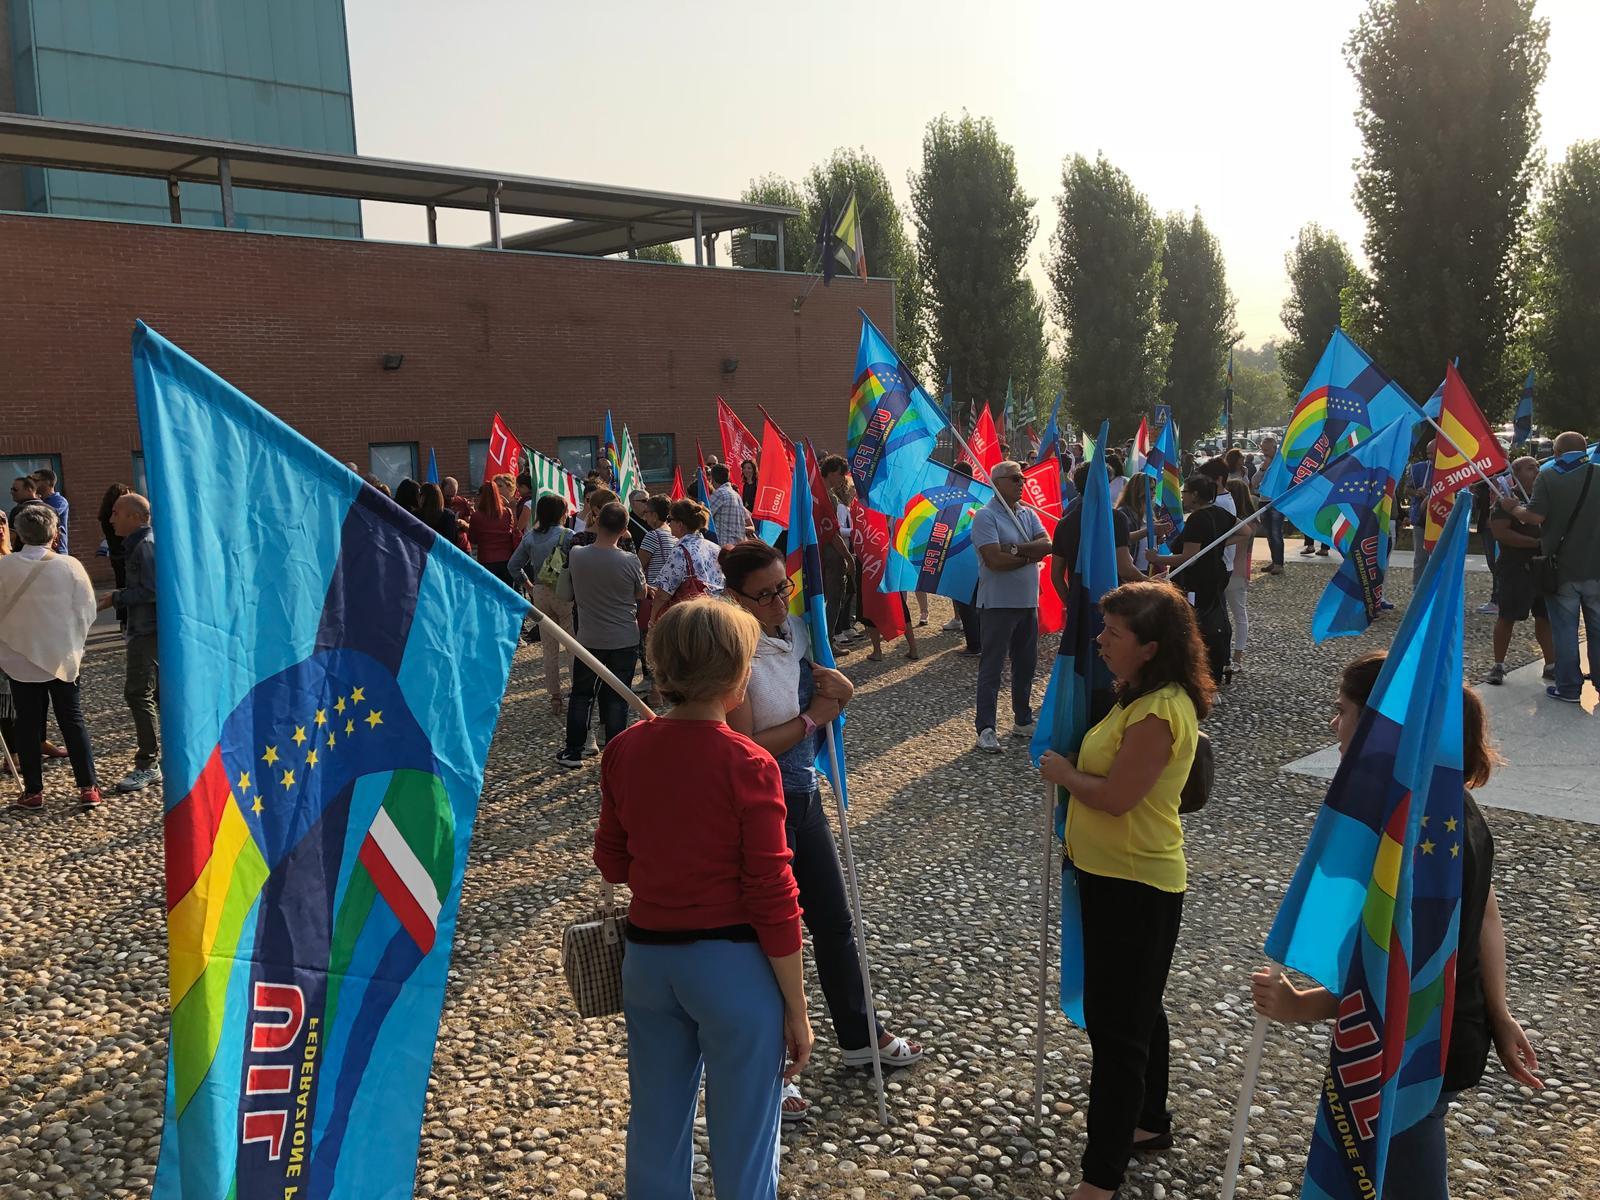 ICS MAUGERI - Grande adesione delle lavoratrici e dei lavoratori alla giornata di sciopero